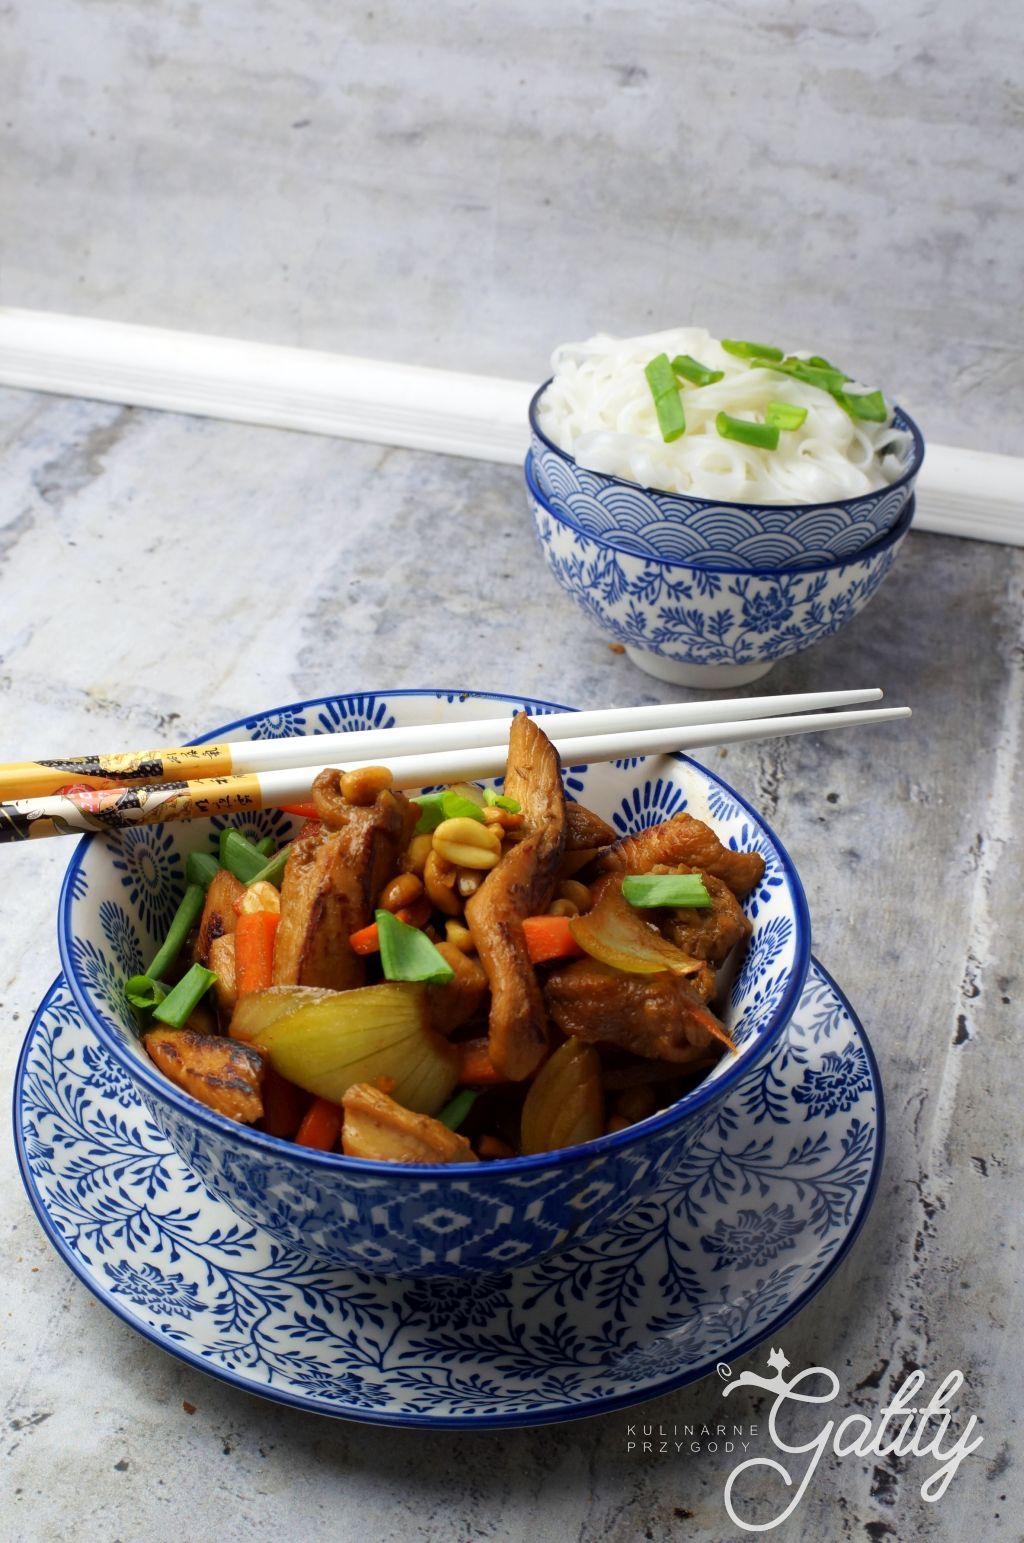 mieso-z-warzywami-na-niebieskim-talerzu